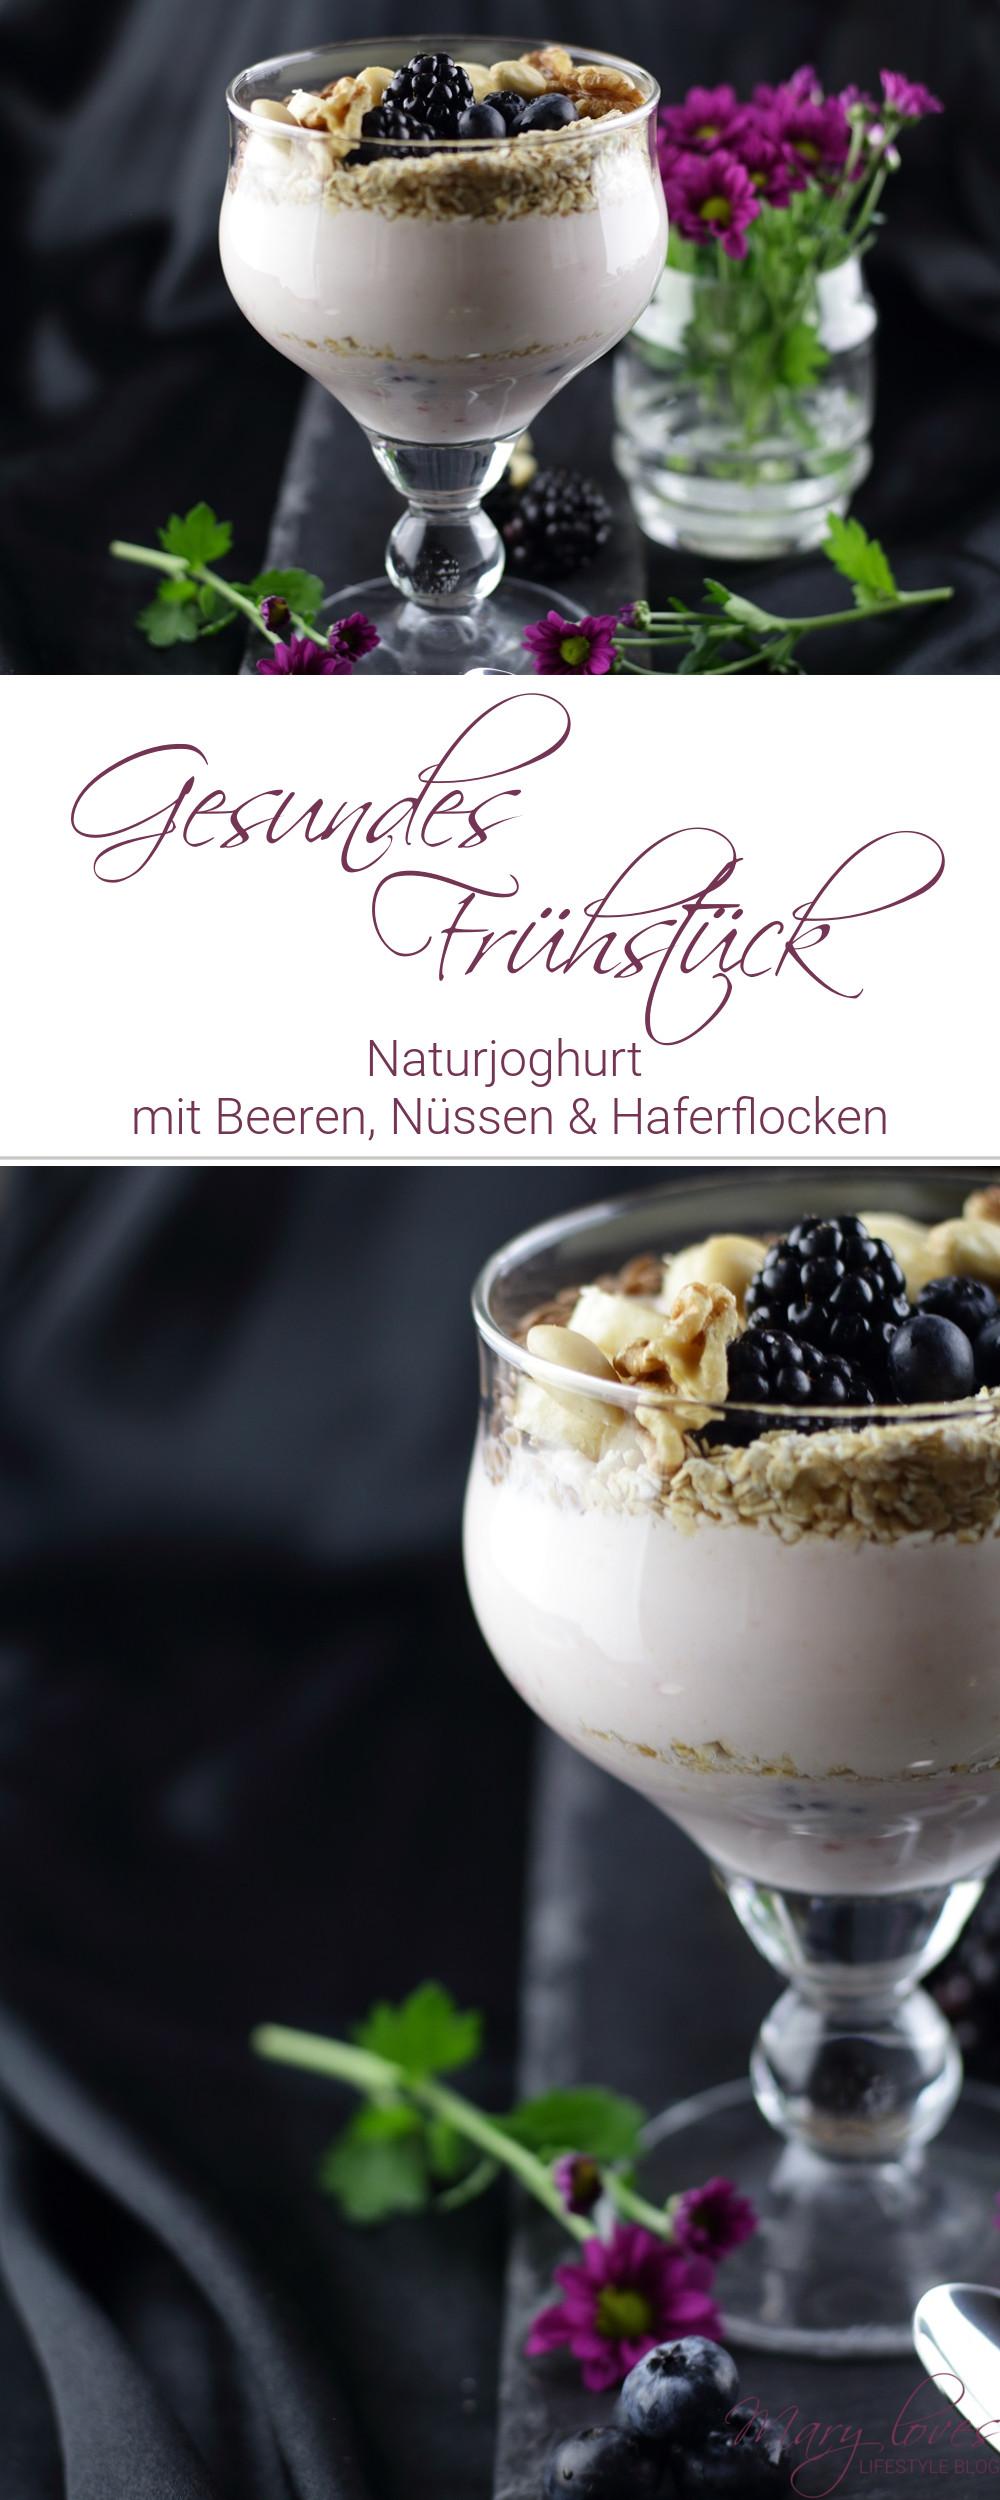 Gesundes Frühstück - Naturjoghurt mit Beeren und Topping voller Energie - #frühstück #naturjoghurt #joghurt #haferflocken #brombeeren #breakfast #heidelbeeren #leinsamen #nüsse #gesund